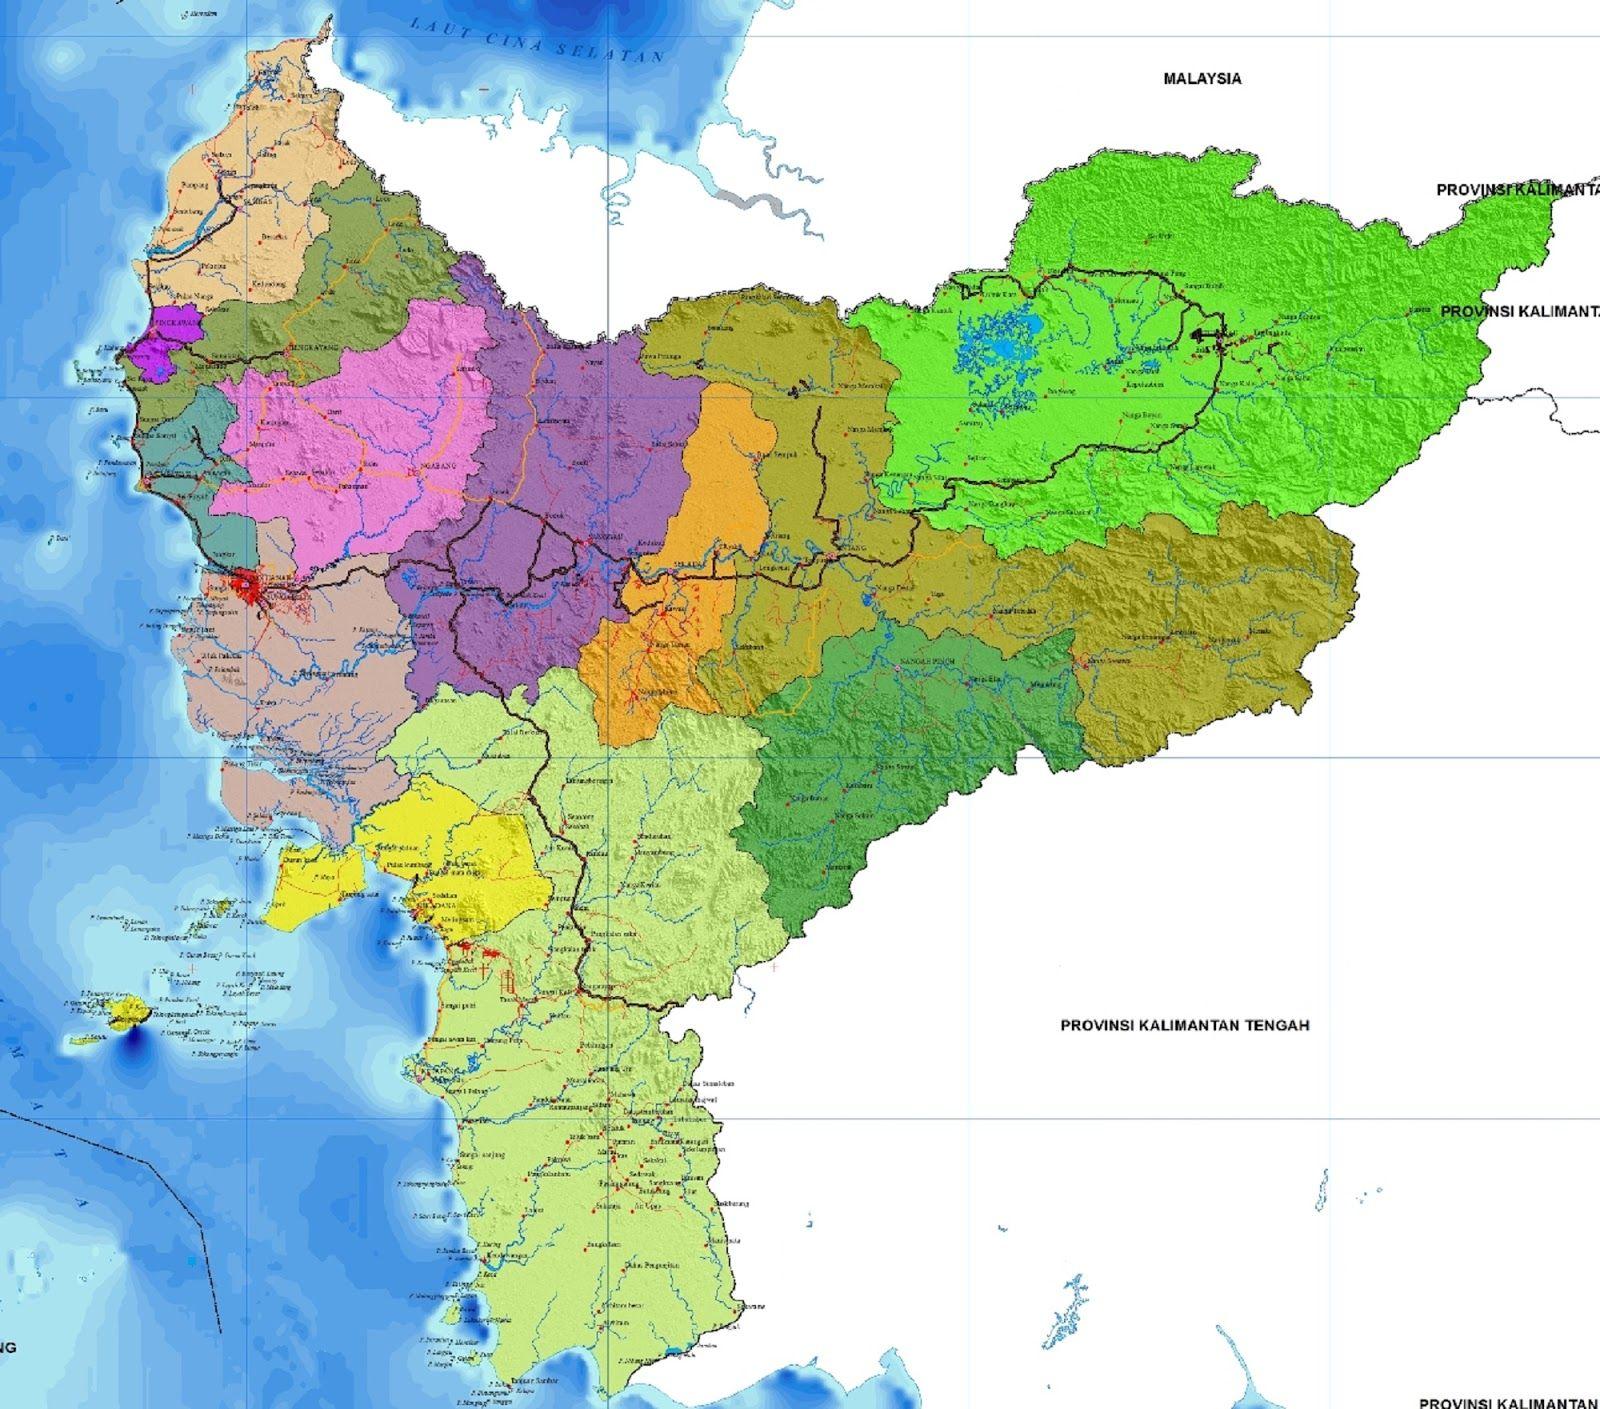 peta kalimantan barat hd lengkap dan keterangannya peta kalimantan gambar peta kalimantan barat hd lengkap dan